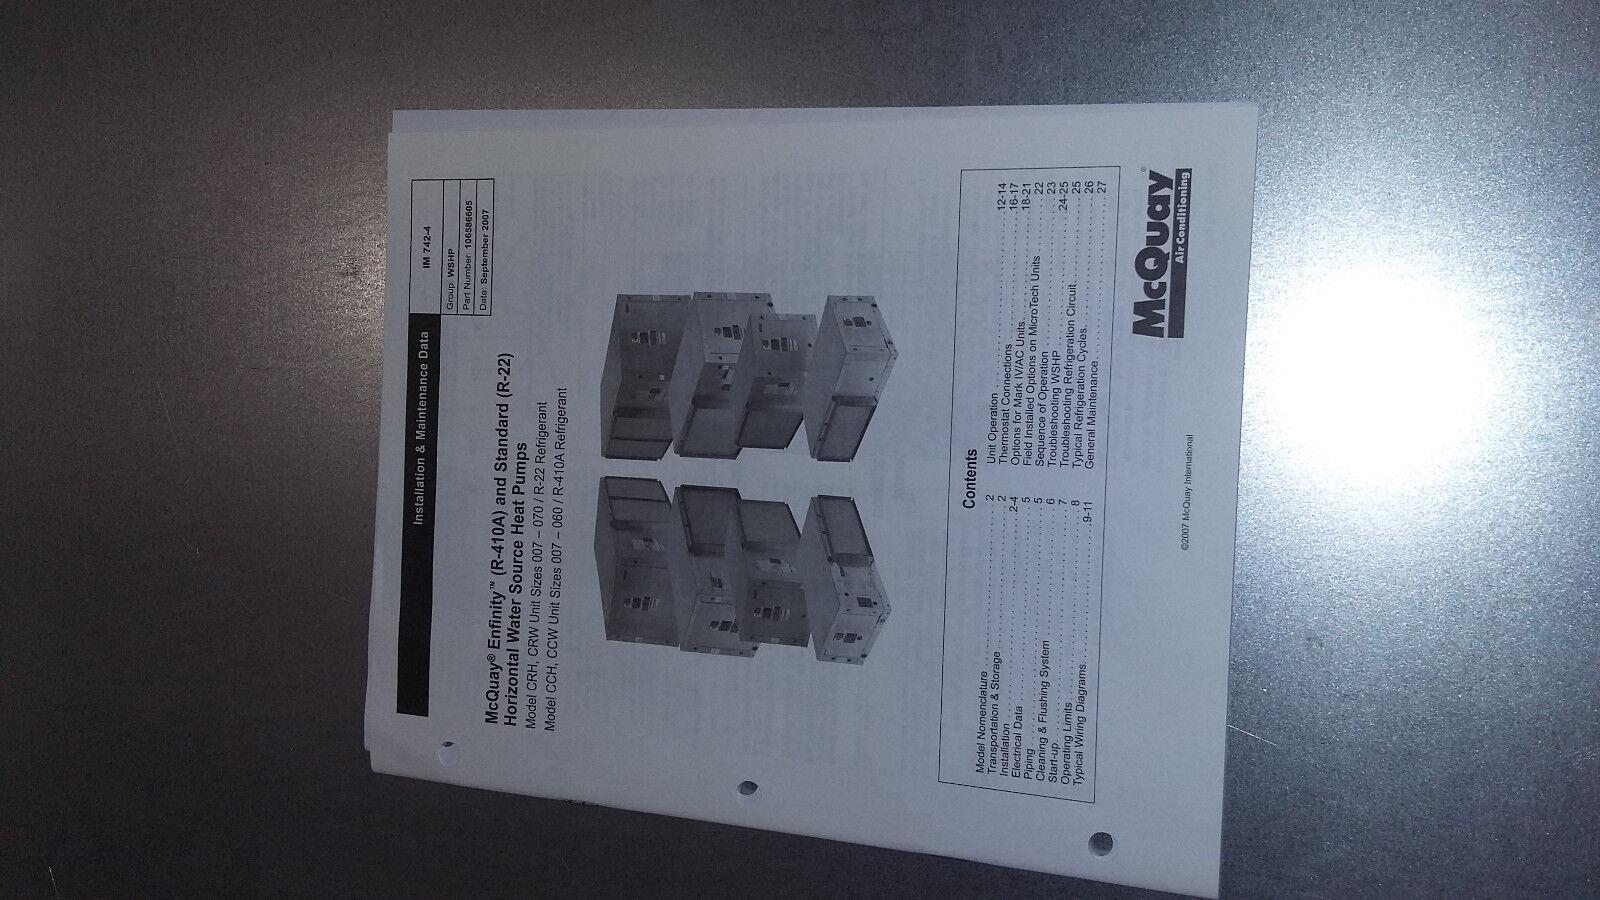 Mcquay Wcrh1024mfyr Sn Aubu082501443 Ceiling Mounted Horiz Heat Pump Wiring Diagram 24 000btu Ebay